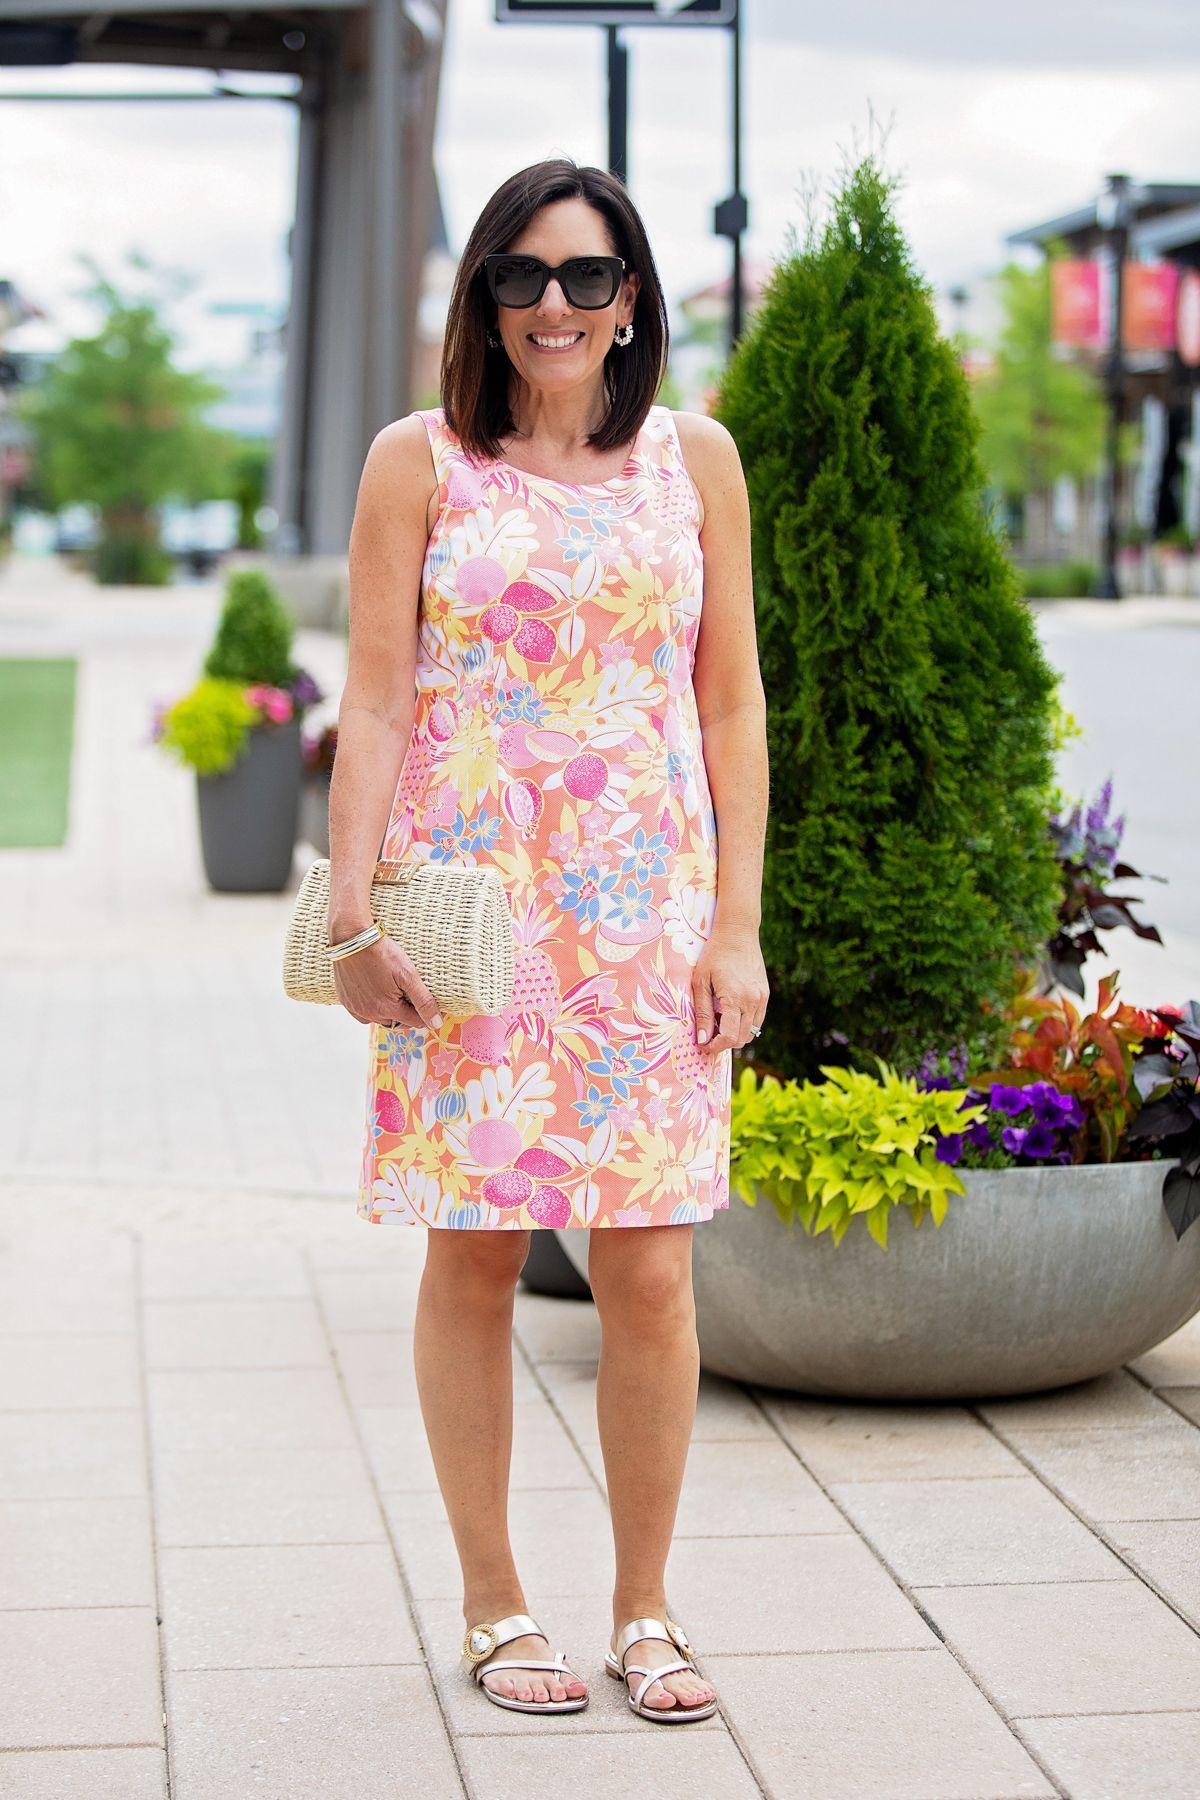 Fruit Flowers Shift Dress For Summer Summer Shift Dress Shift Dress Summer Dresses [ 1800 x 1200 Pixel ]